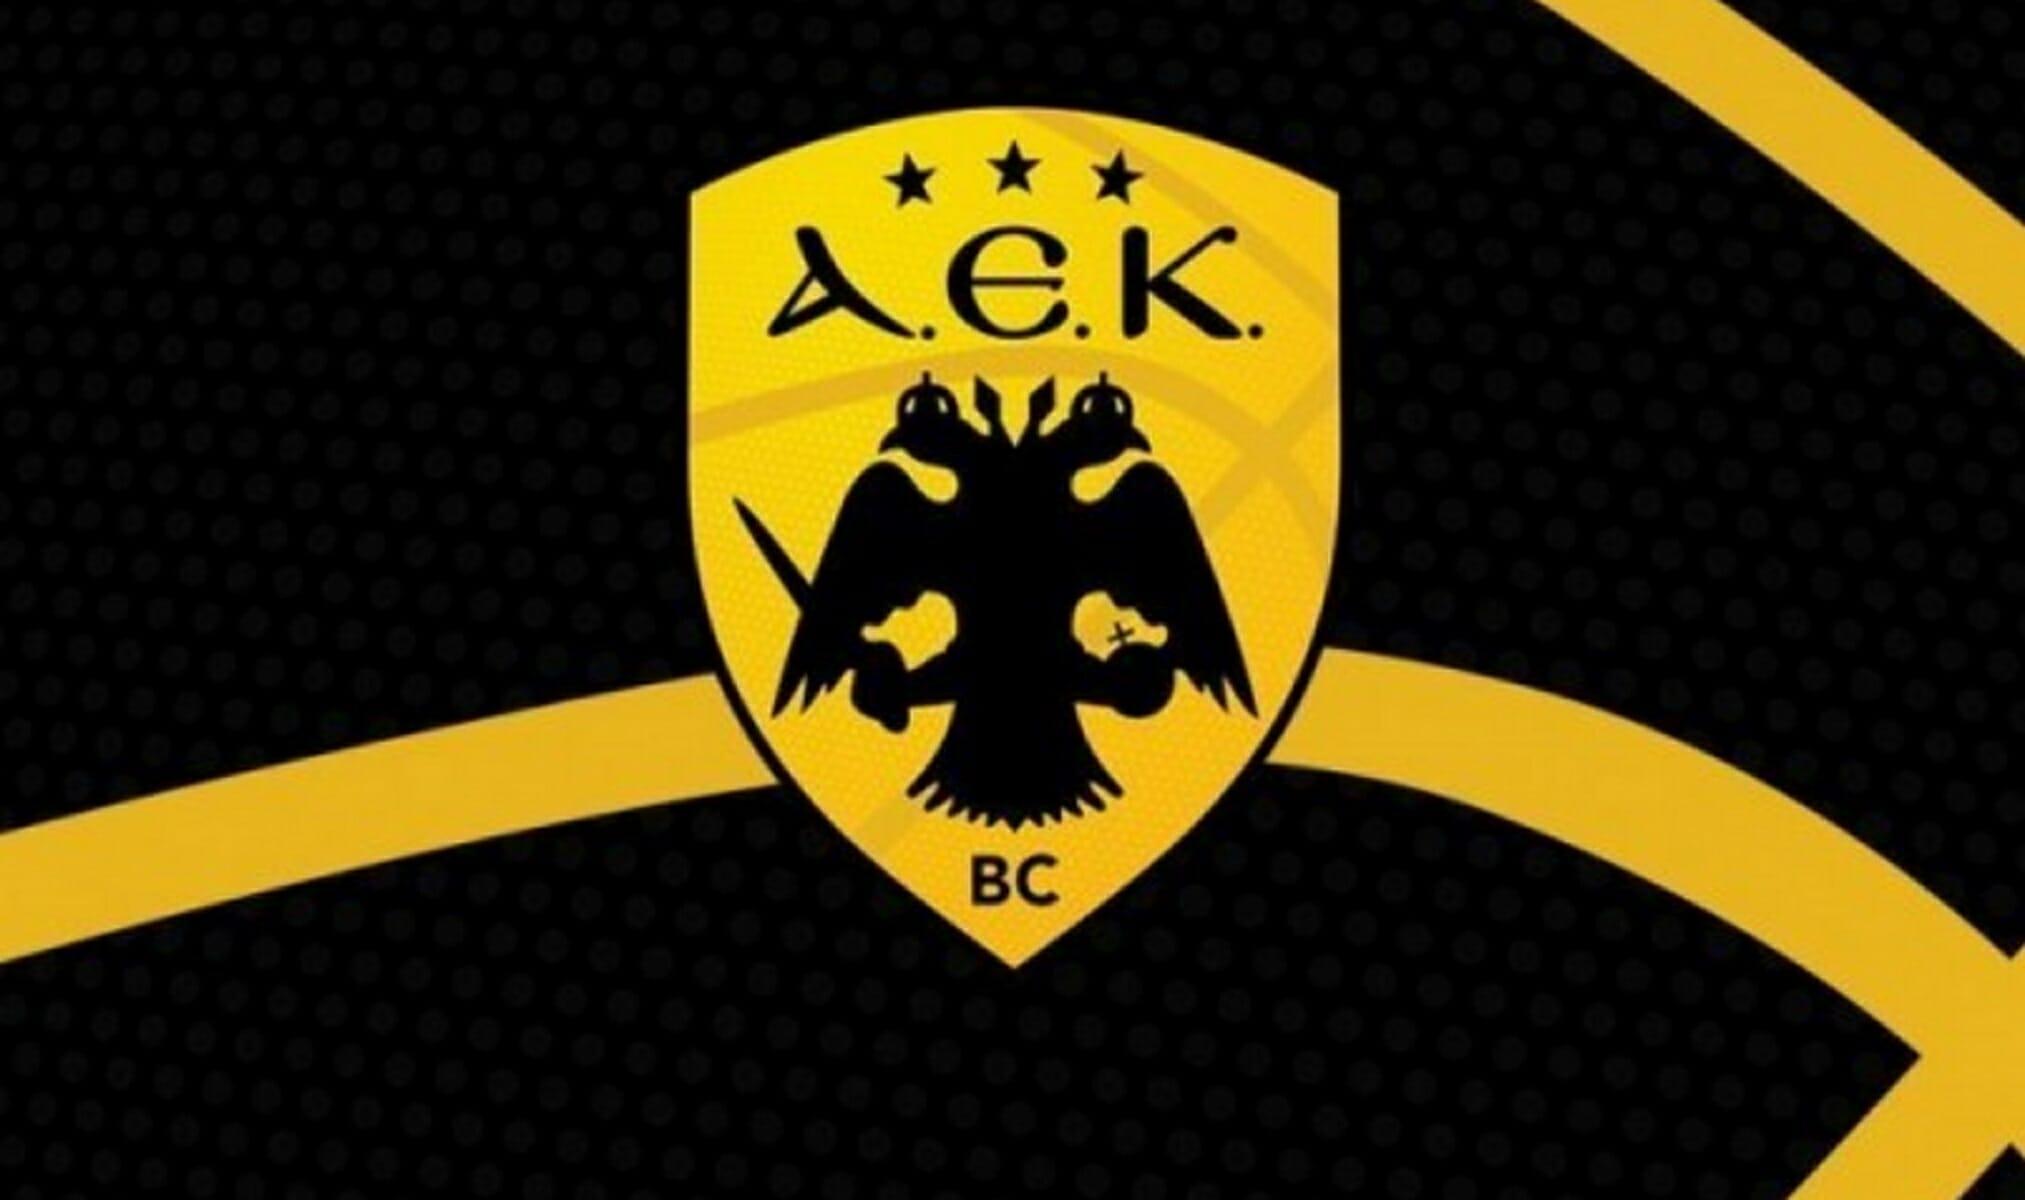 Η ΑΕΚ ανακοίνωσε κρούσμα κορονοϊού πριν το ματς για το Basketball Champins League